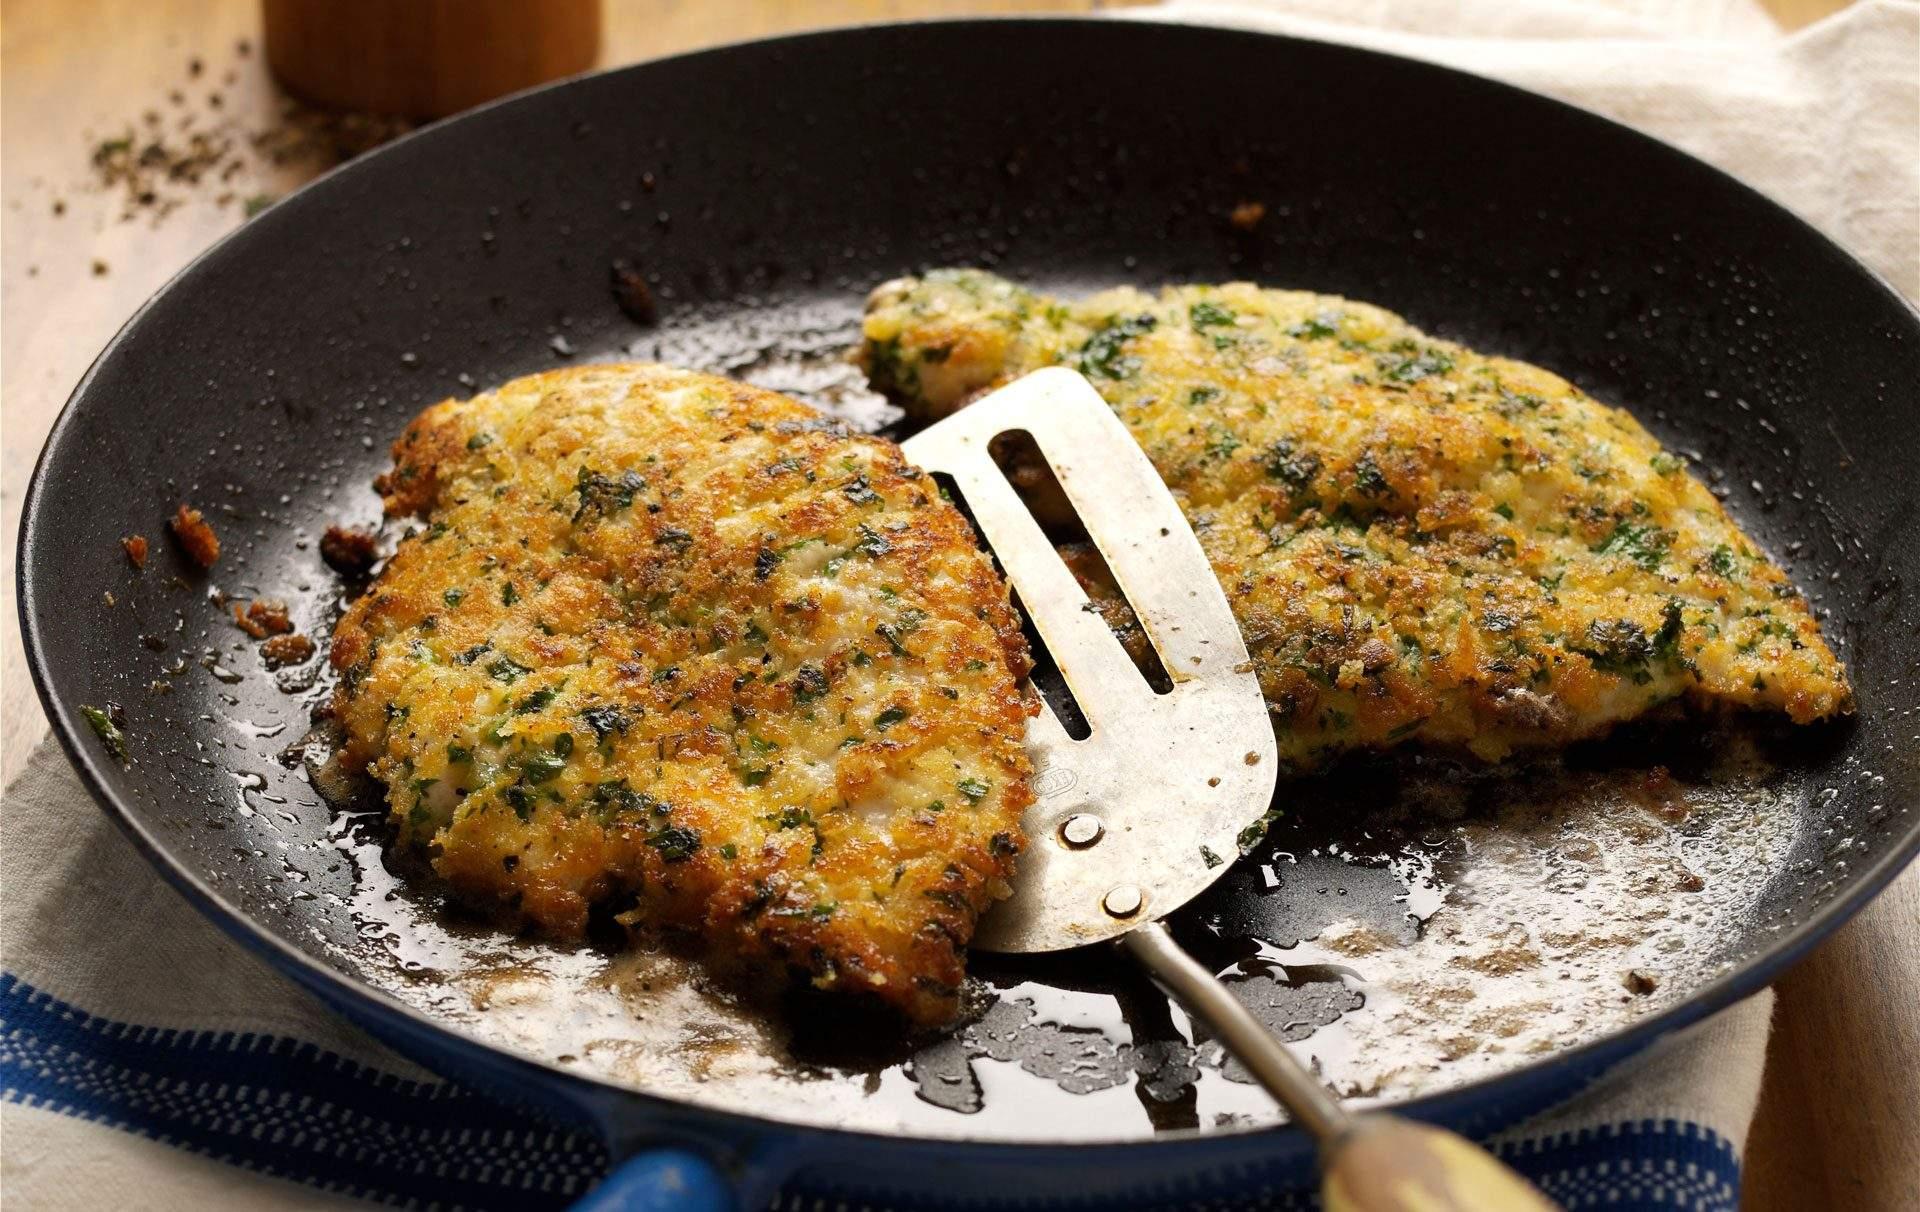 Escalopes de pollo Haga escalopes de pollo para la cena de esta noche. Son rápidos, fáciles y llenos de sabor. Servir con papas fritas y guisantes, delicioso. Esta receta de pollo es genial